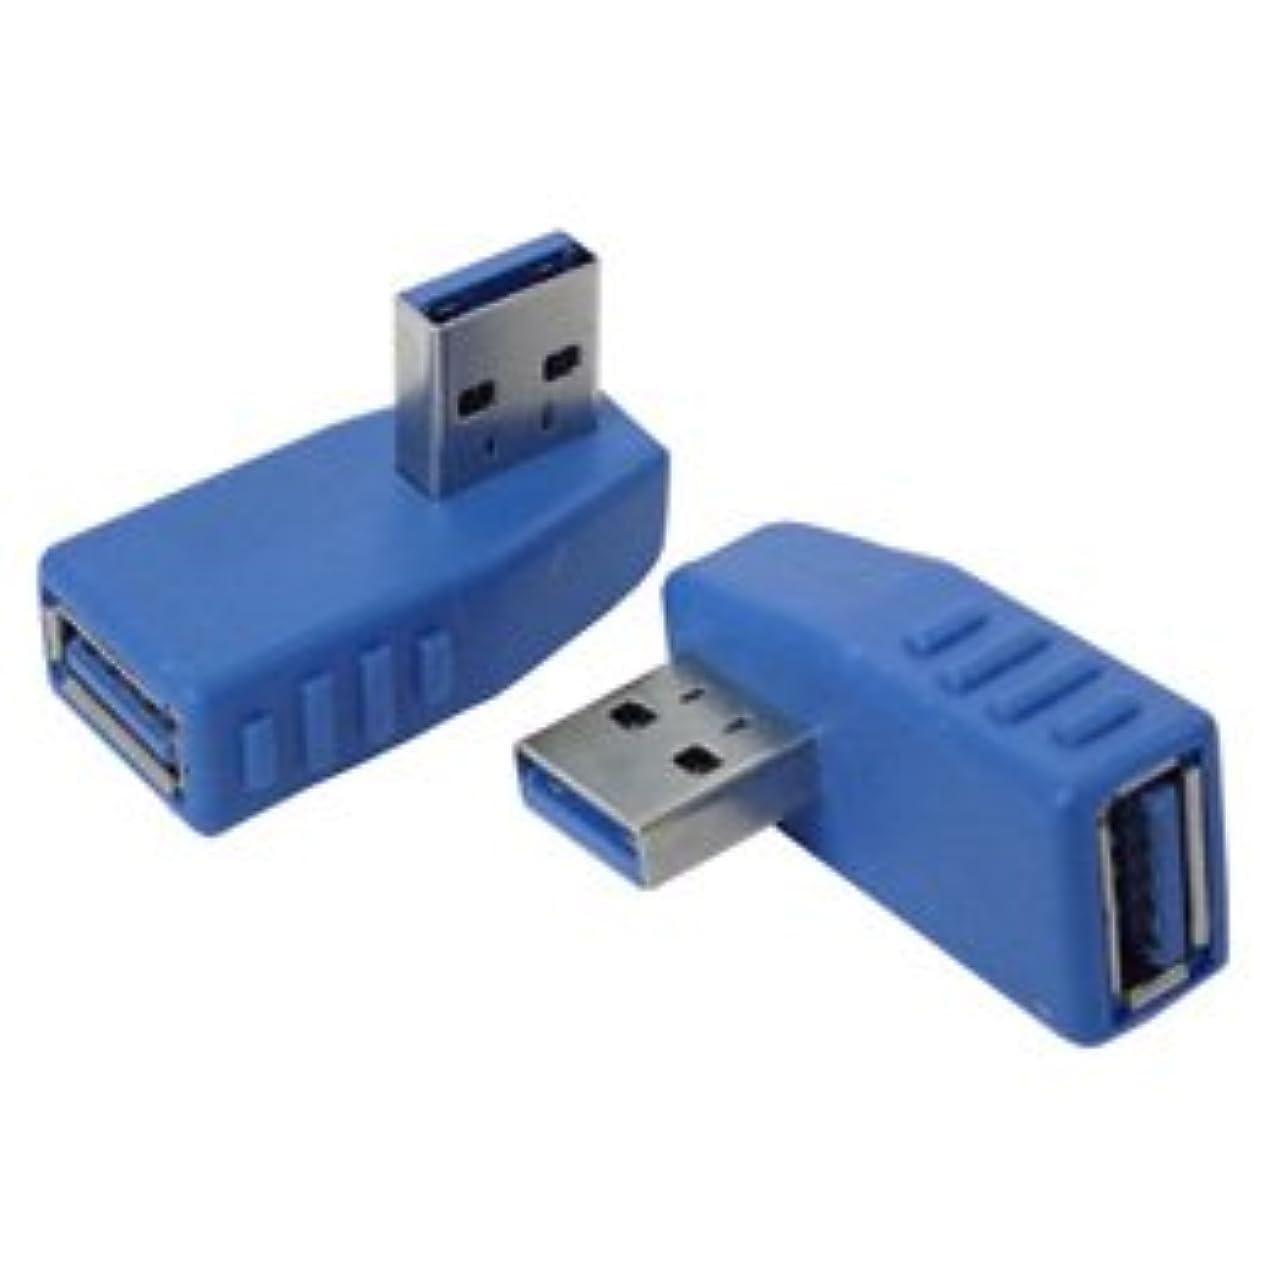 掻く取り出す他の日【まとめ 4セット】 変換名人 変換プラグ USB3.0 A左L型 USB3A-LL